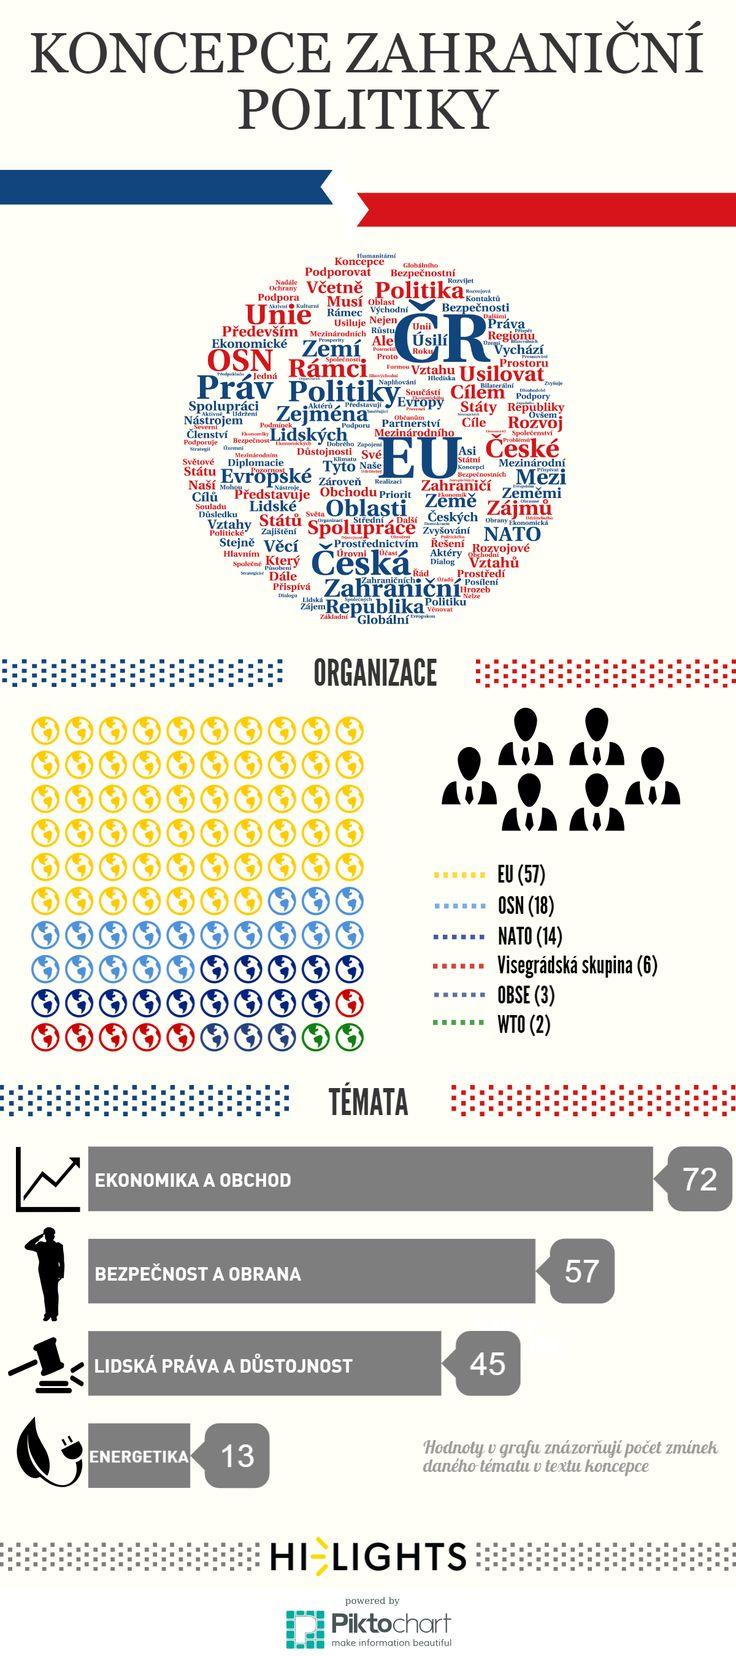 Infografika ke koncepci zahraniční politiky ČR, kterou zveřejnil server lidovky.cz. EU je v textu nejvíce zmiňovanou institucí, z témat vede ekonomika.